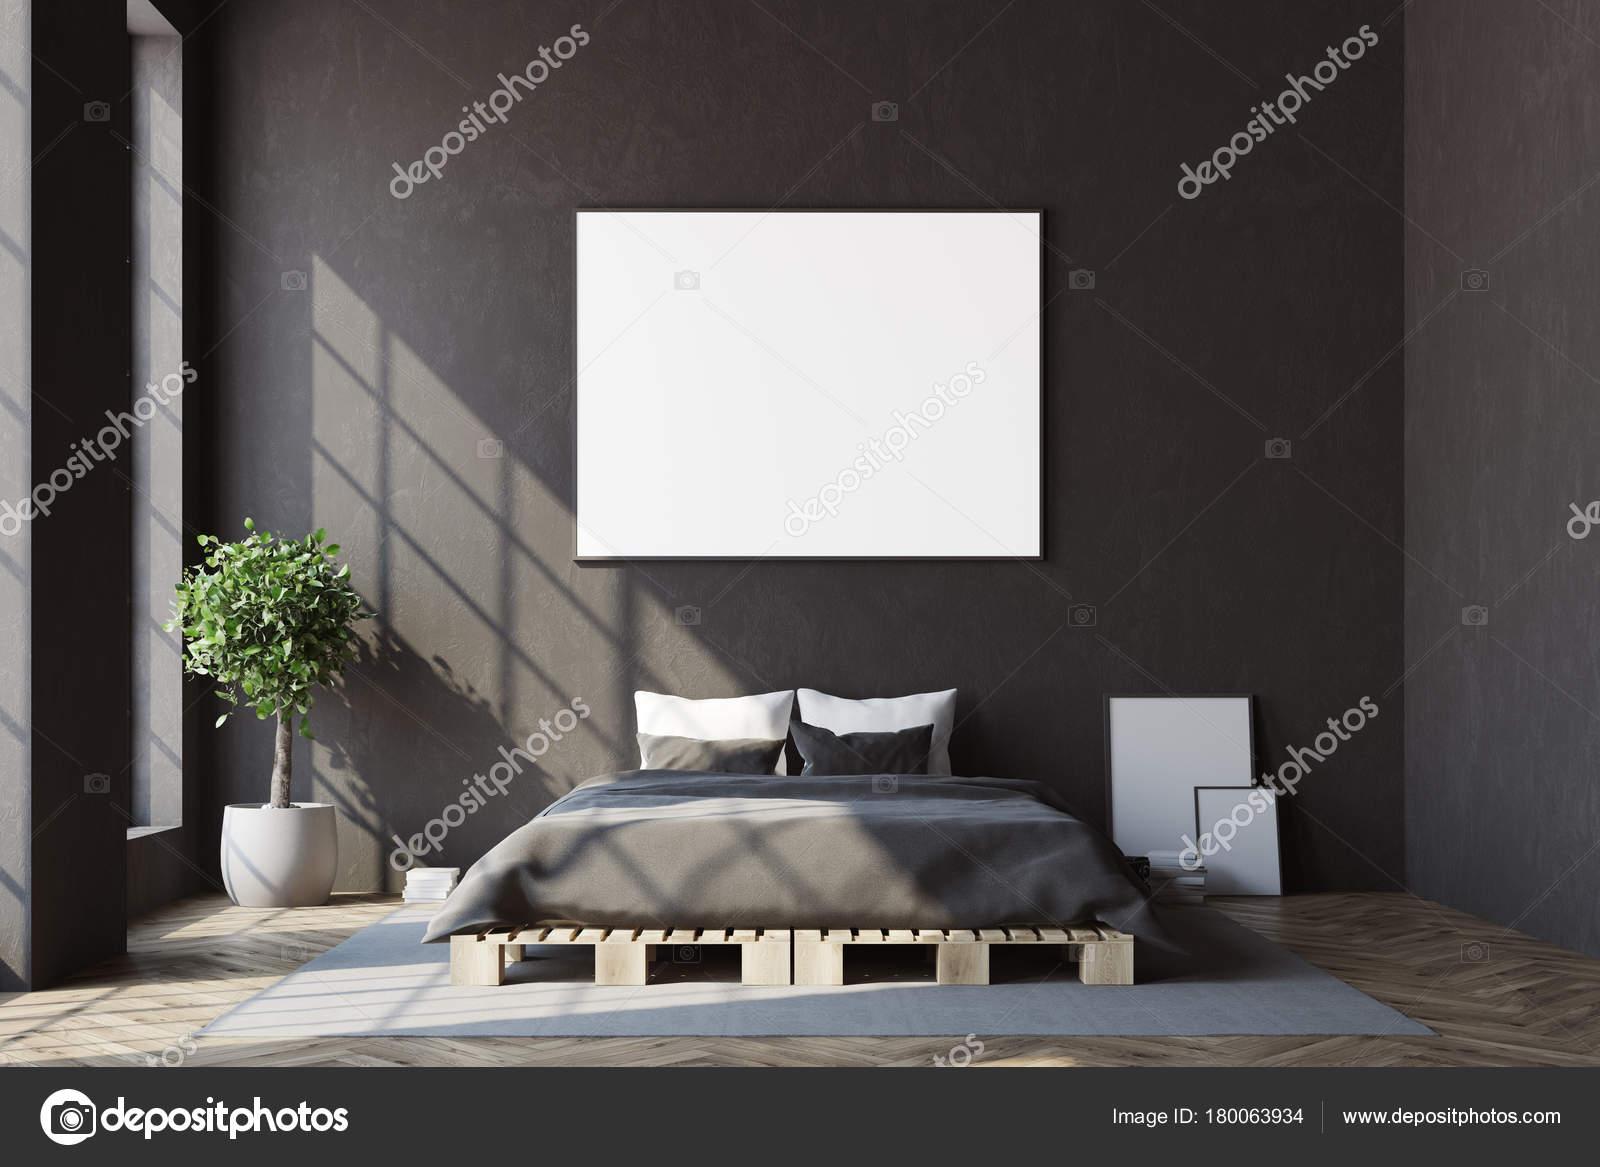 Chambre Noire Avant De Poster Horizontal Photographie